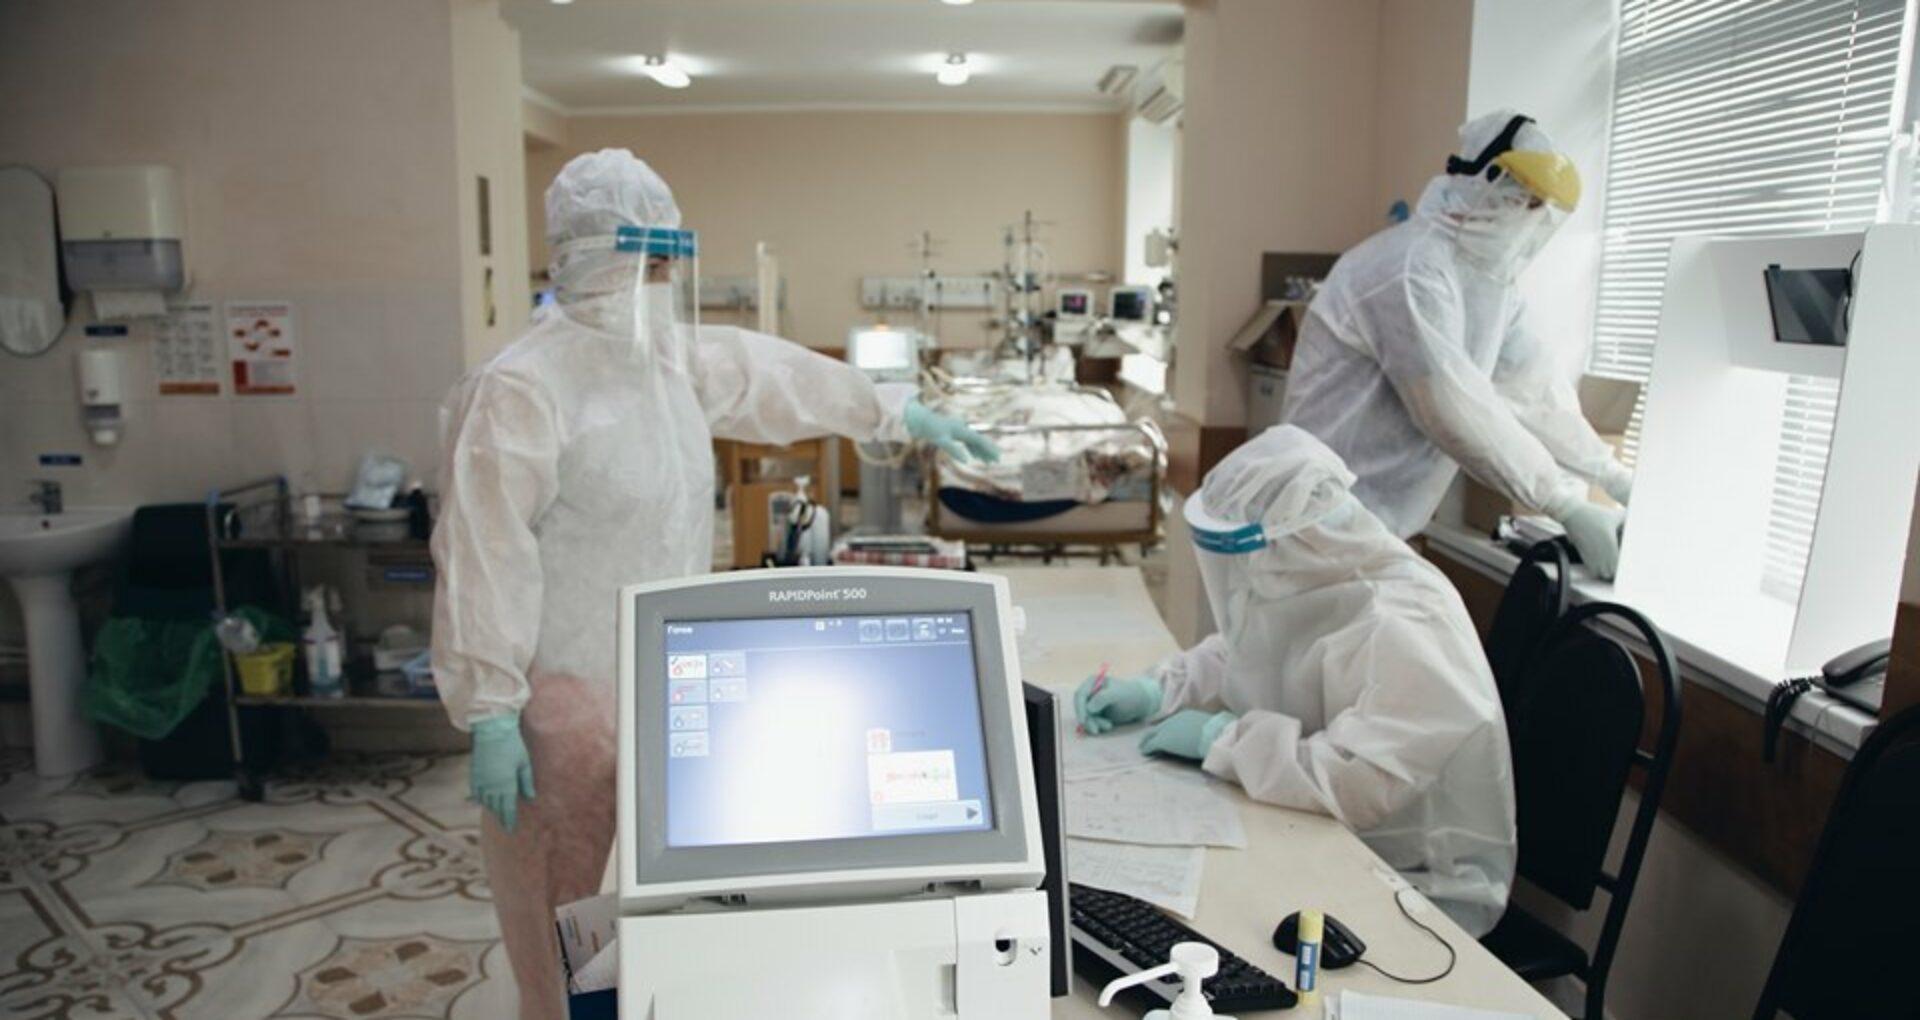 Alte trei persoane au decedat din cauza infecției cu Covid-19